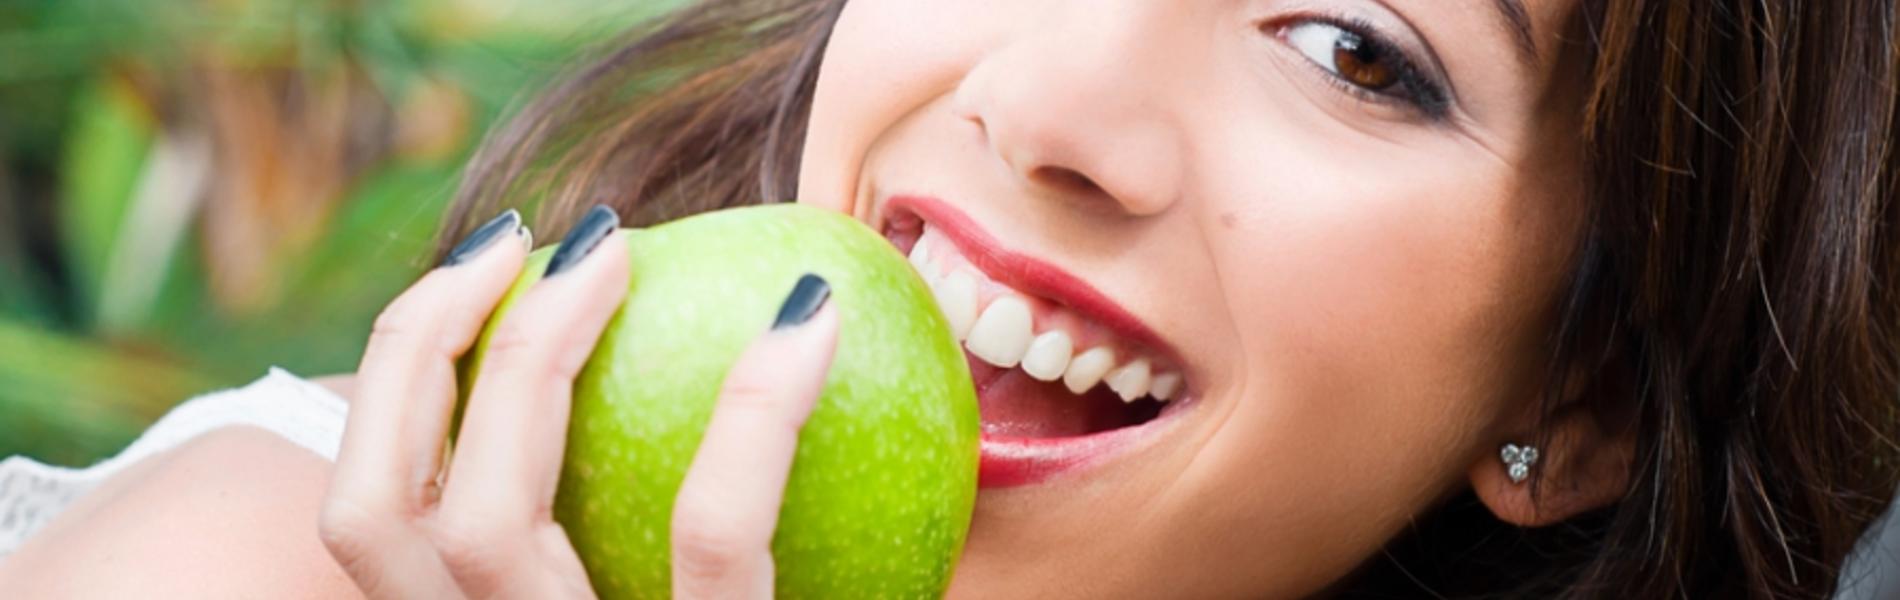 דיאטה: כל הטעויות בדיאטה של אחרי החגים